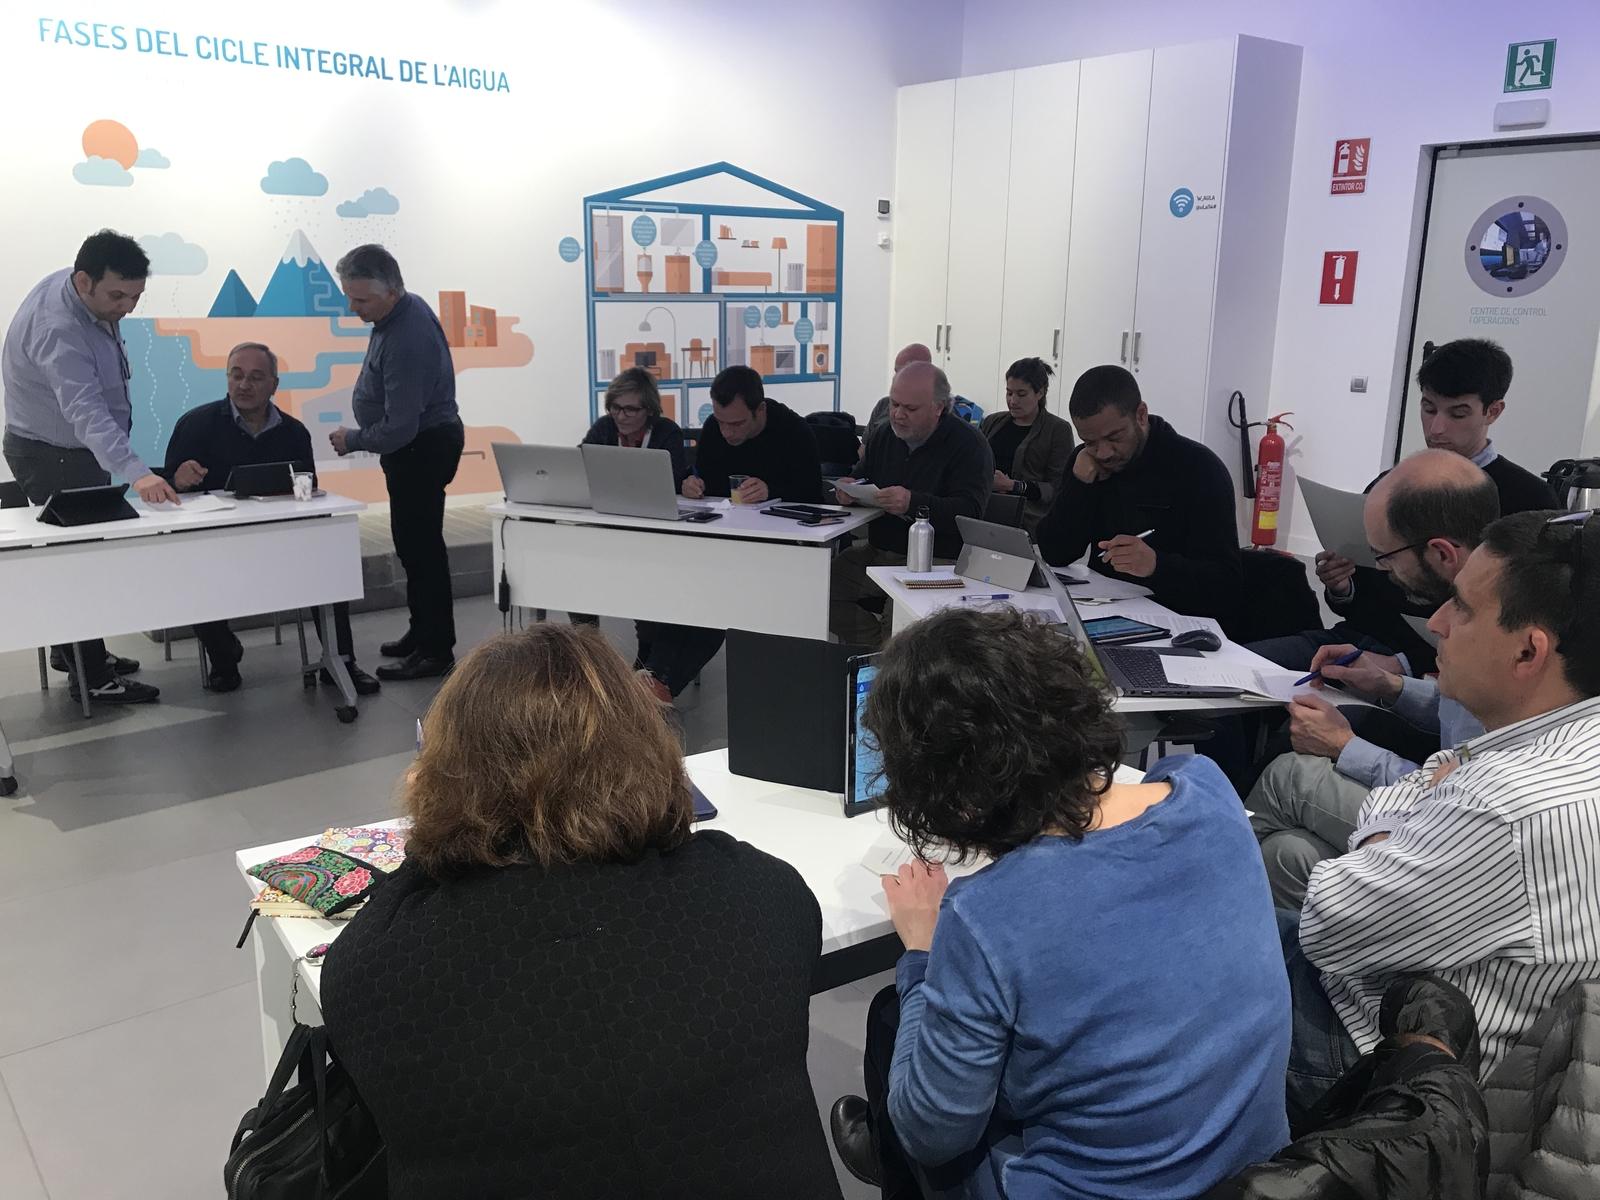 Workshop february 2019